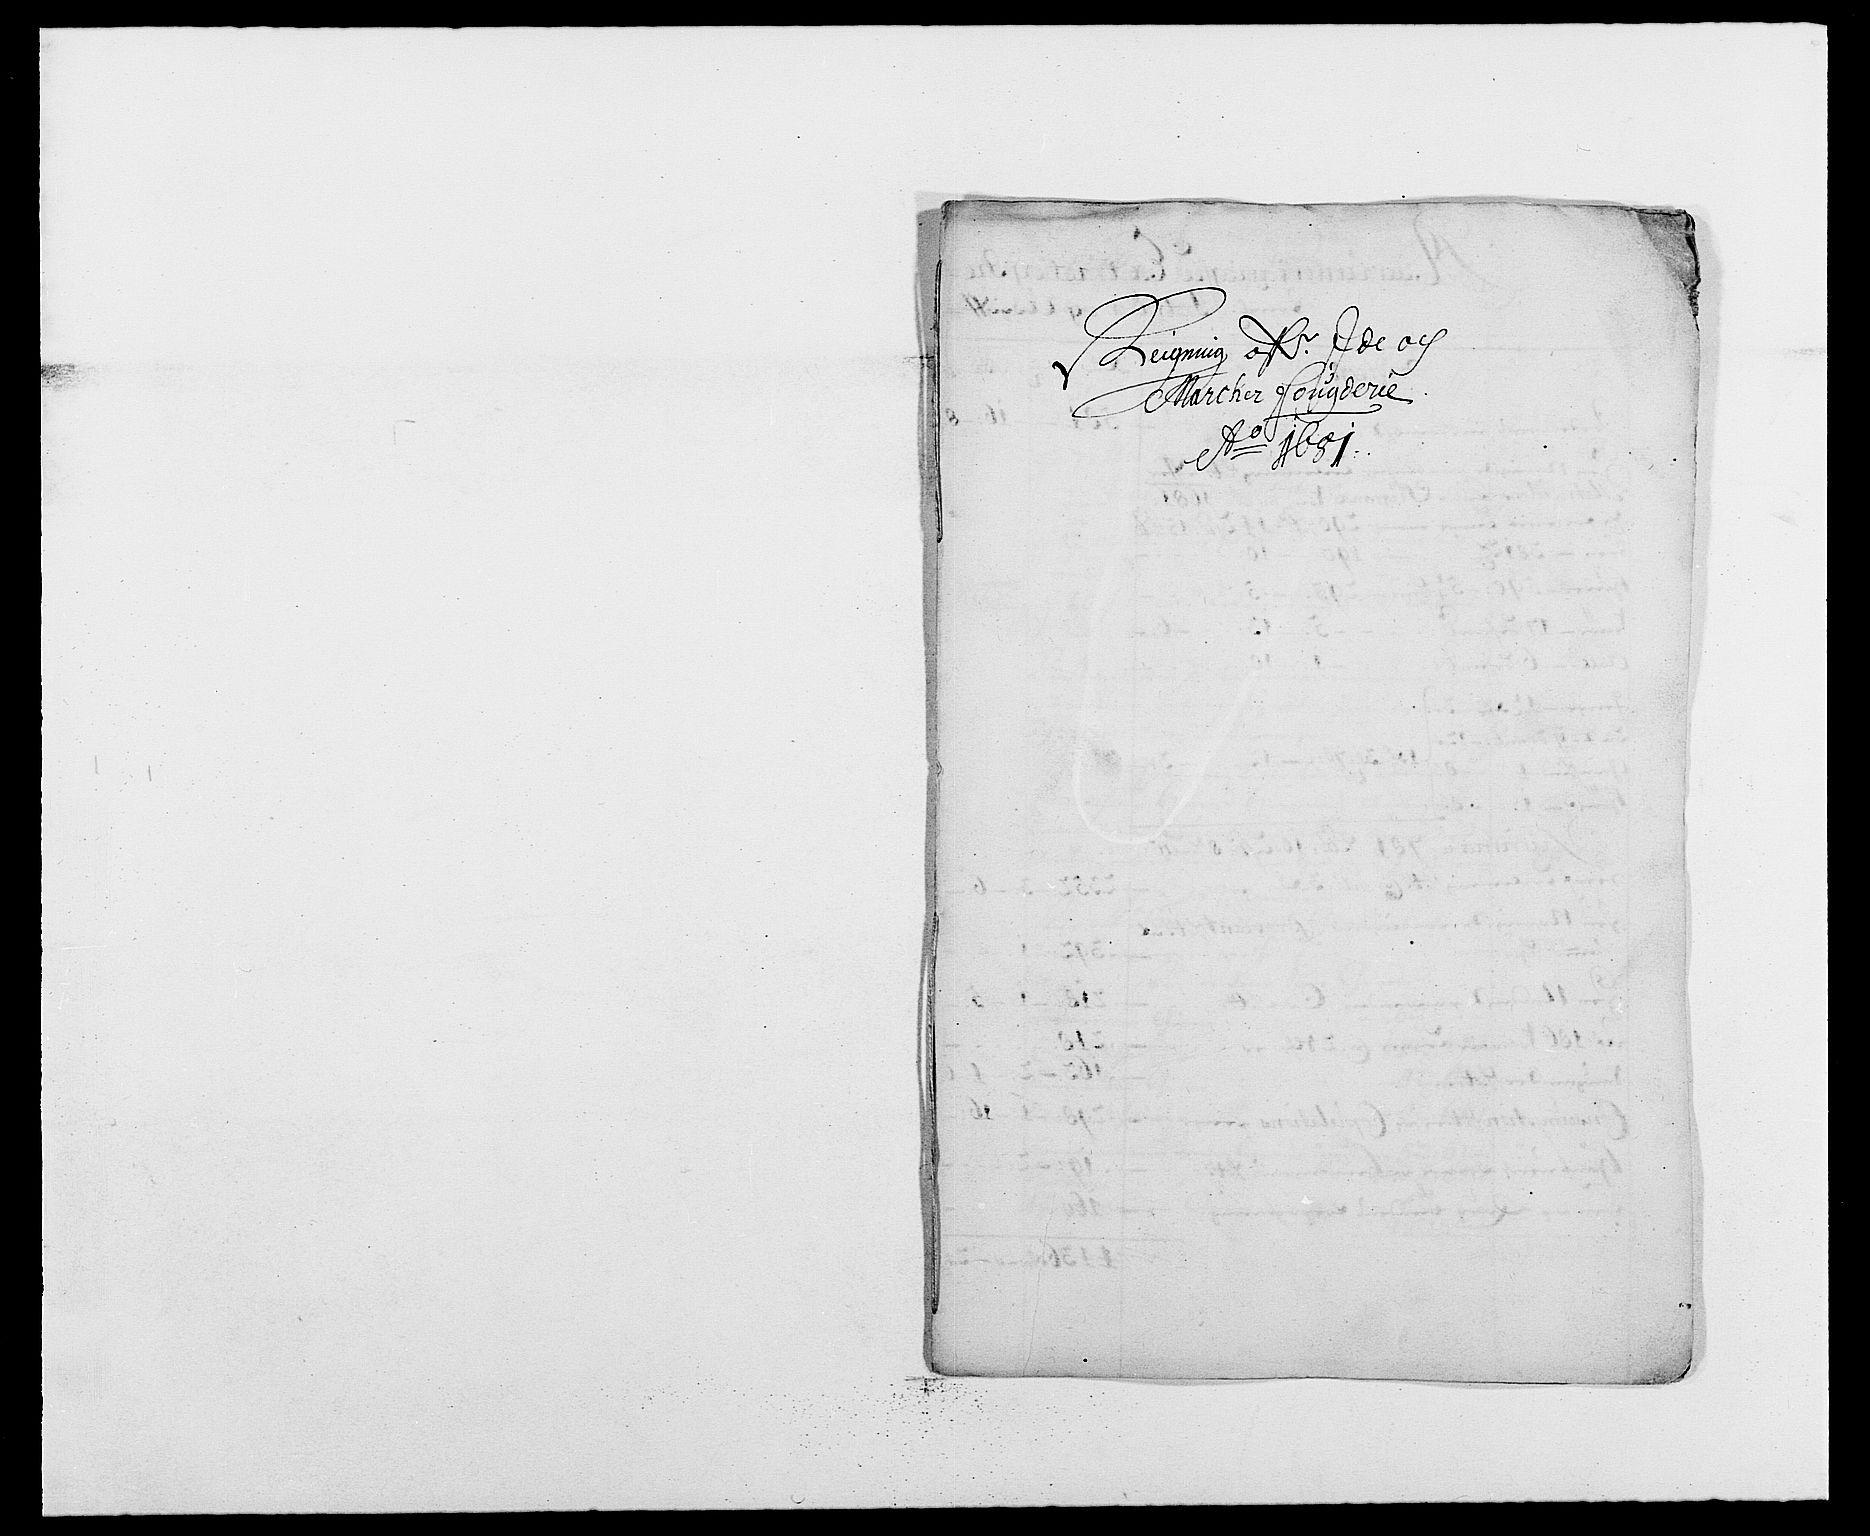 RA, Rentekammeret inntil 1814, Reviderte regnskaper, Fogderegnskap, R01/L0003: Fogderegnskap Idd og Marker, 1678-1681, p. 1